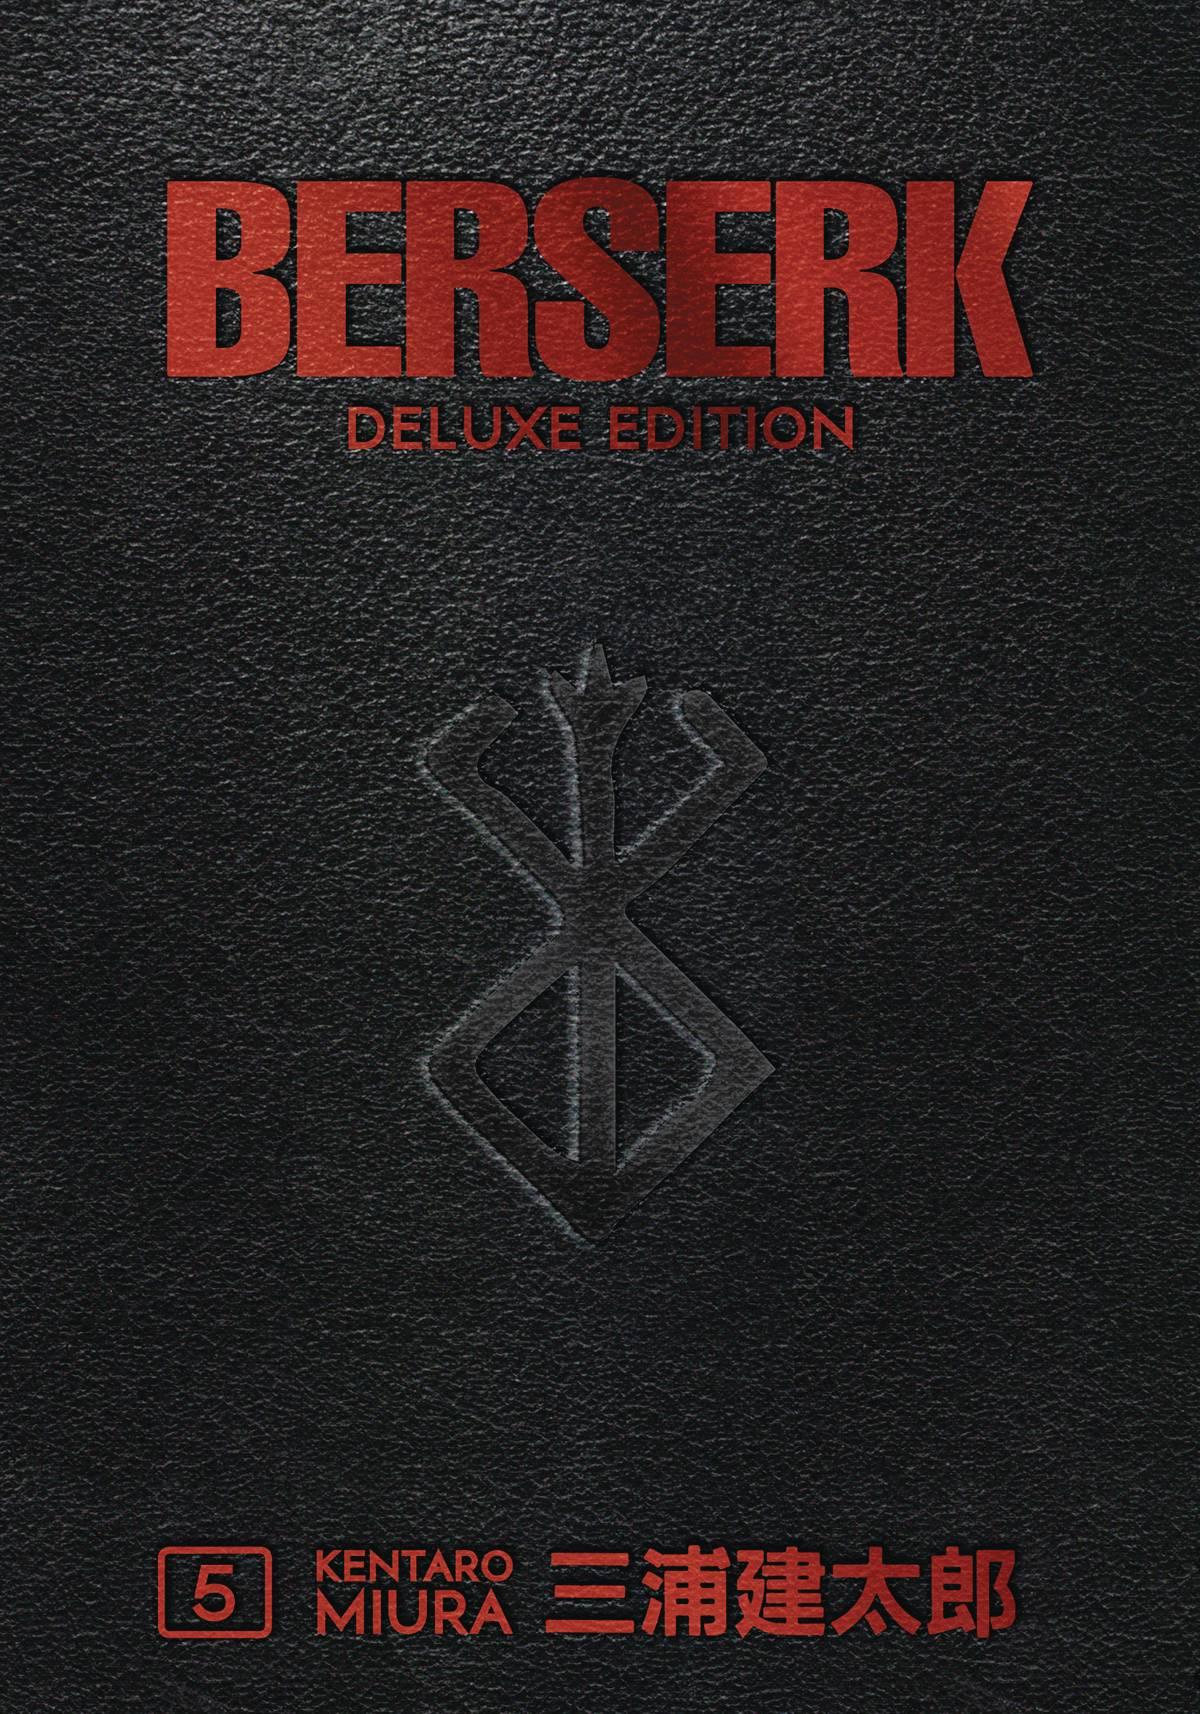 BERSERK DELUXE EDITION HC 05